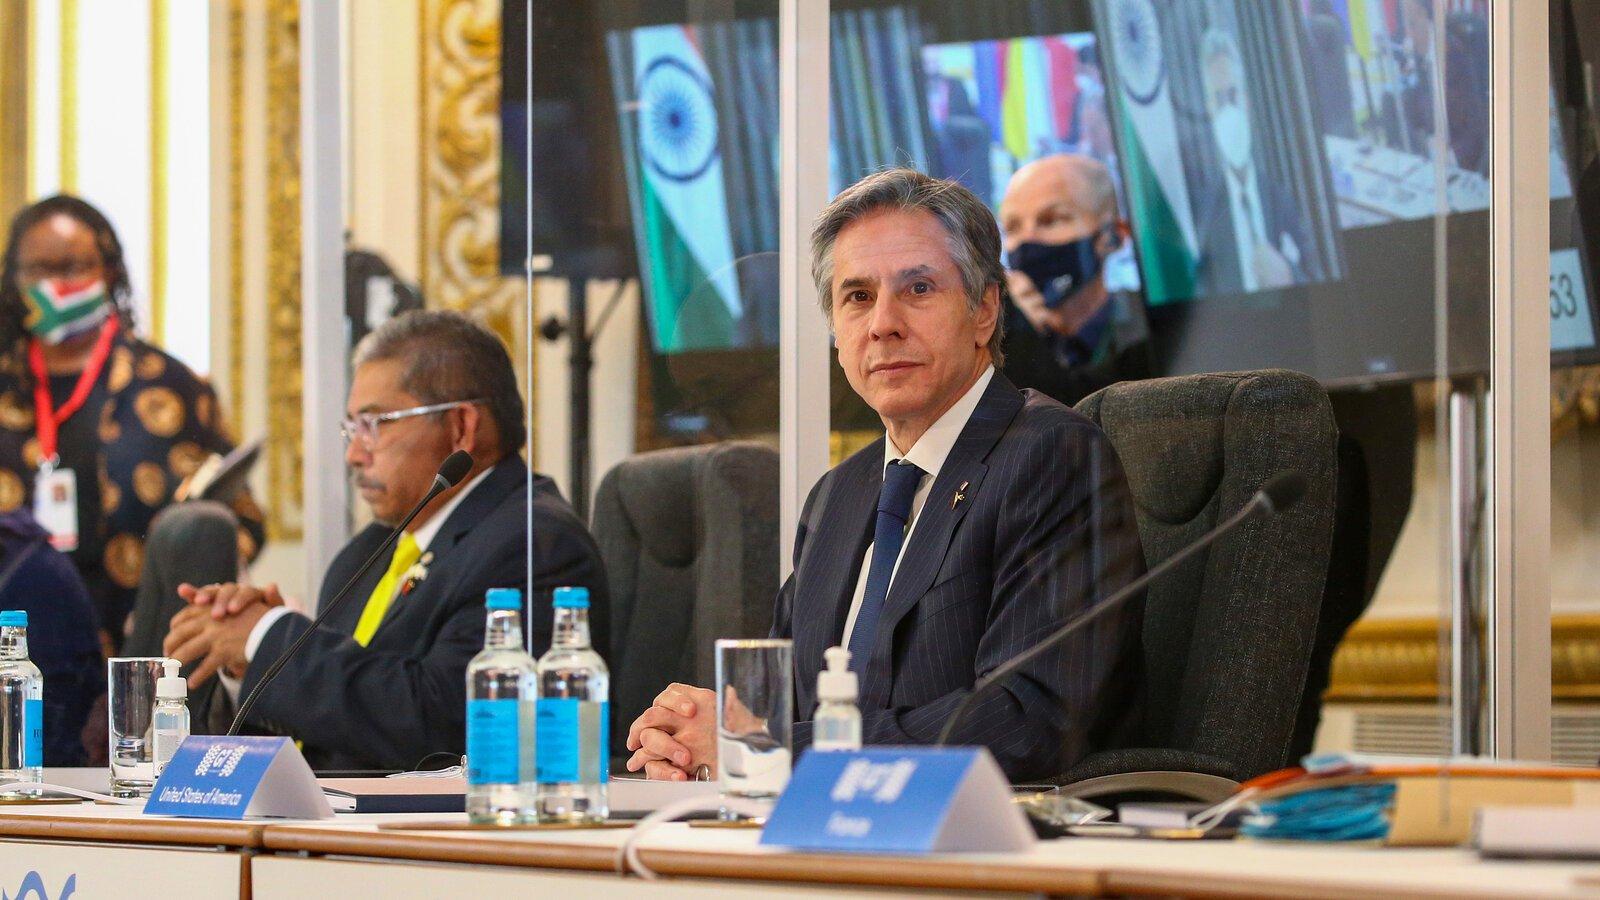 Σημαντική επίσκεψη στήριξης της Ουκρανίας από τον Αν. Μπλίνκεν